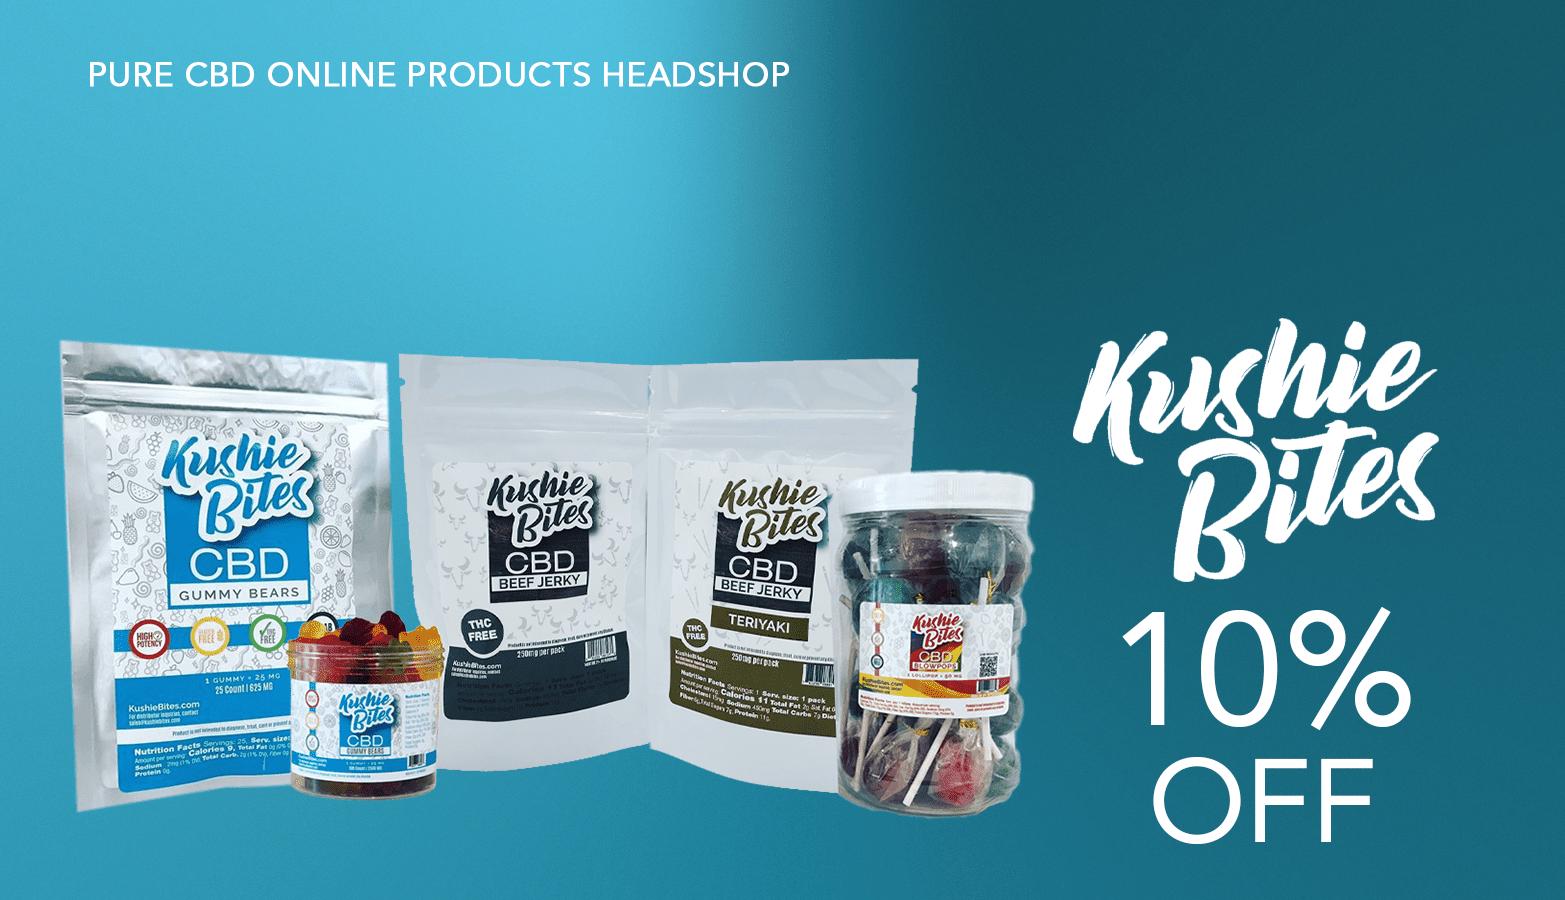 Kushie Bites Edibles Online